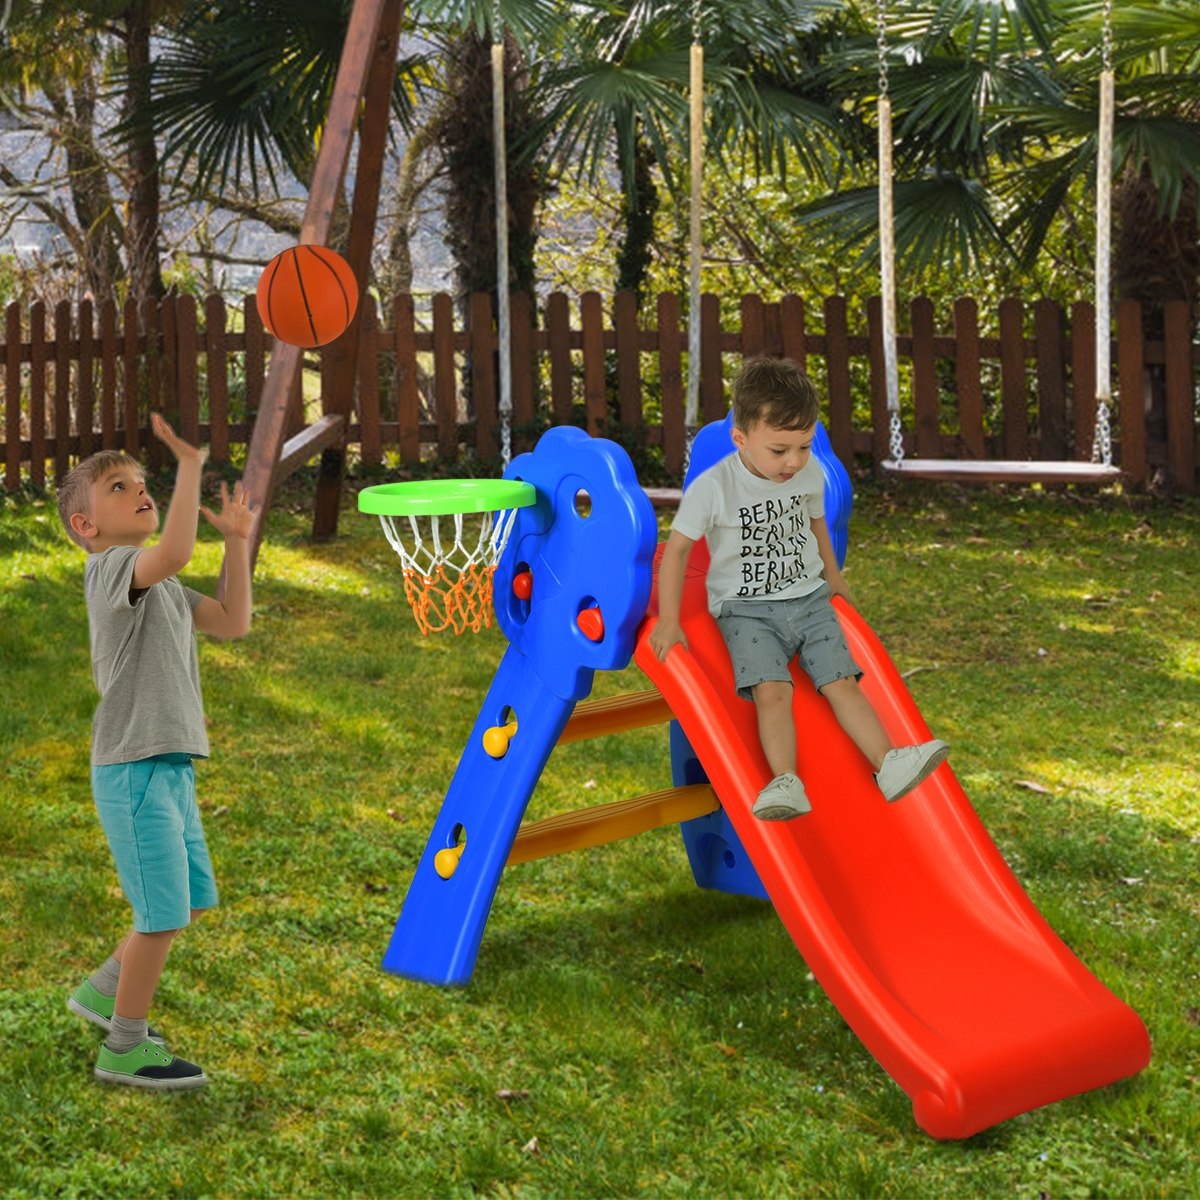 Tobogán Infantil con Canasta de Baloncesto Tobogán Plegable para Niños 3-8 Años Tobogán en Jardín Hogar